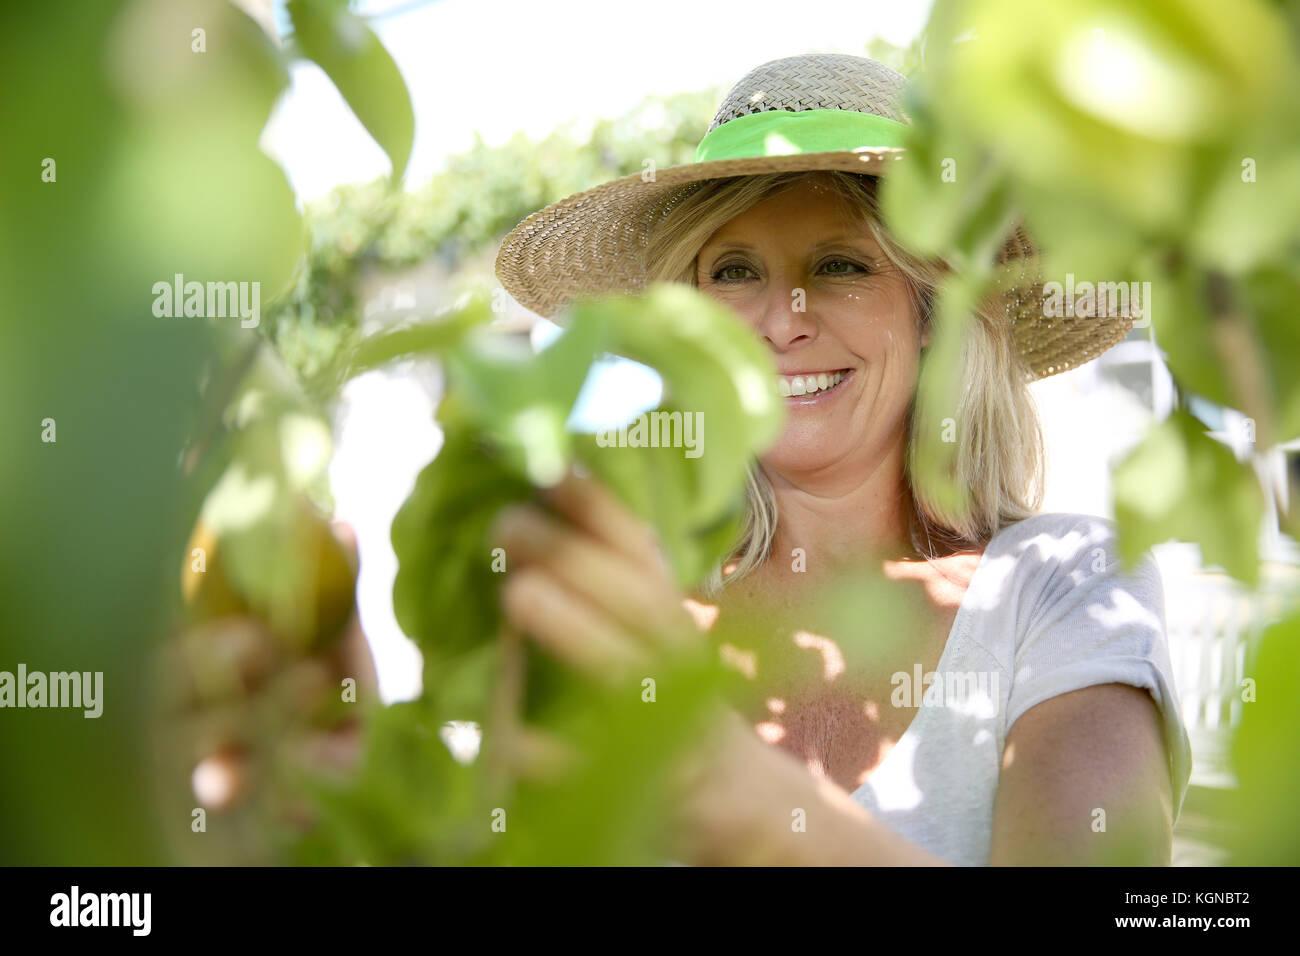 Lächelnde blonde Frau Früchte vom Baum pflücken Stockbild